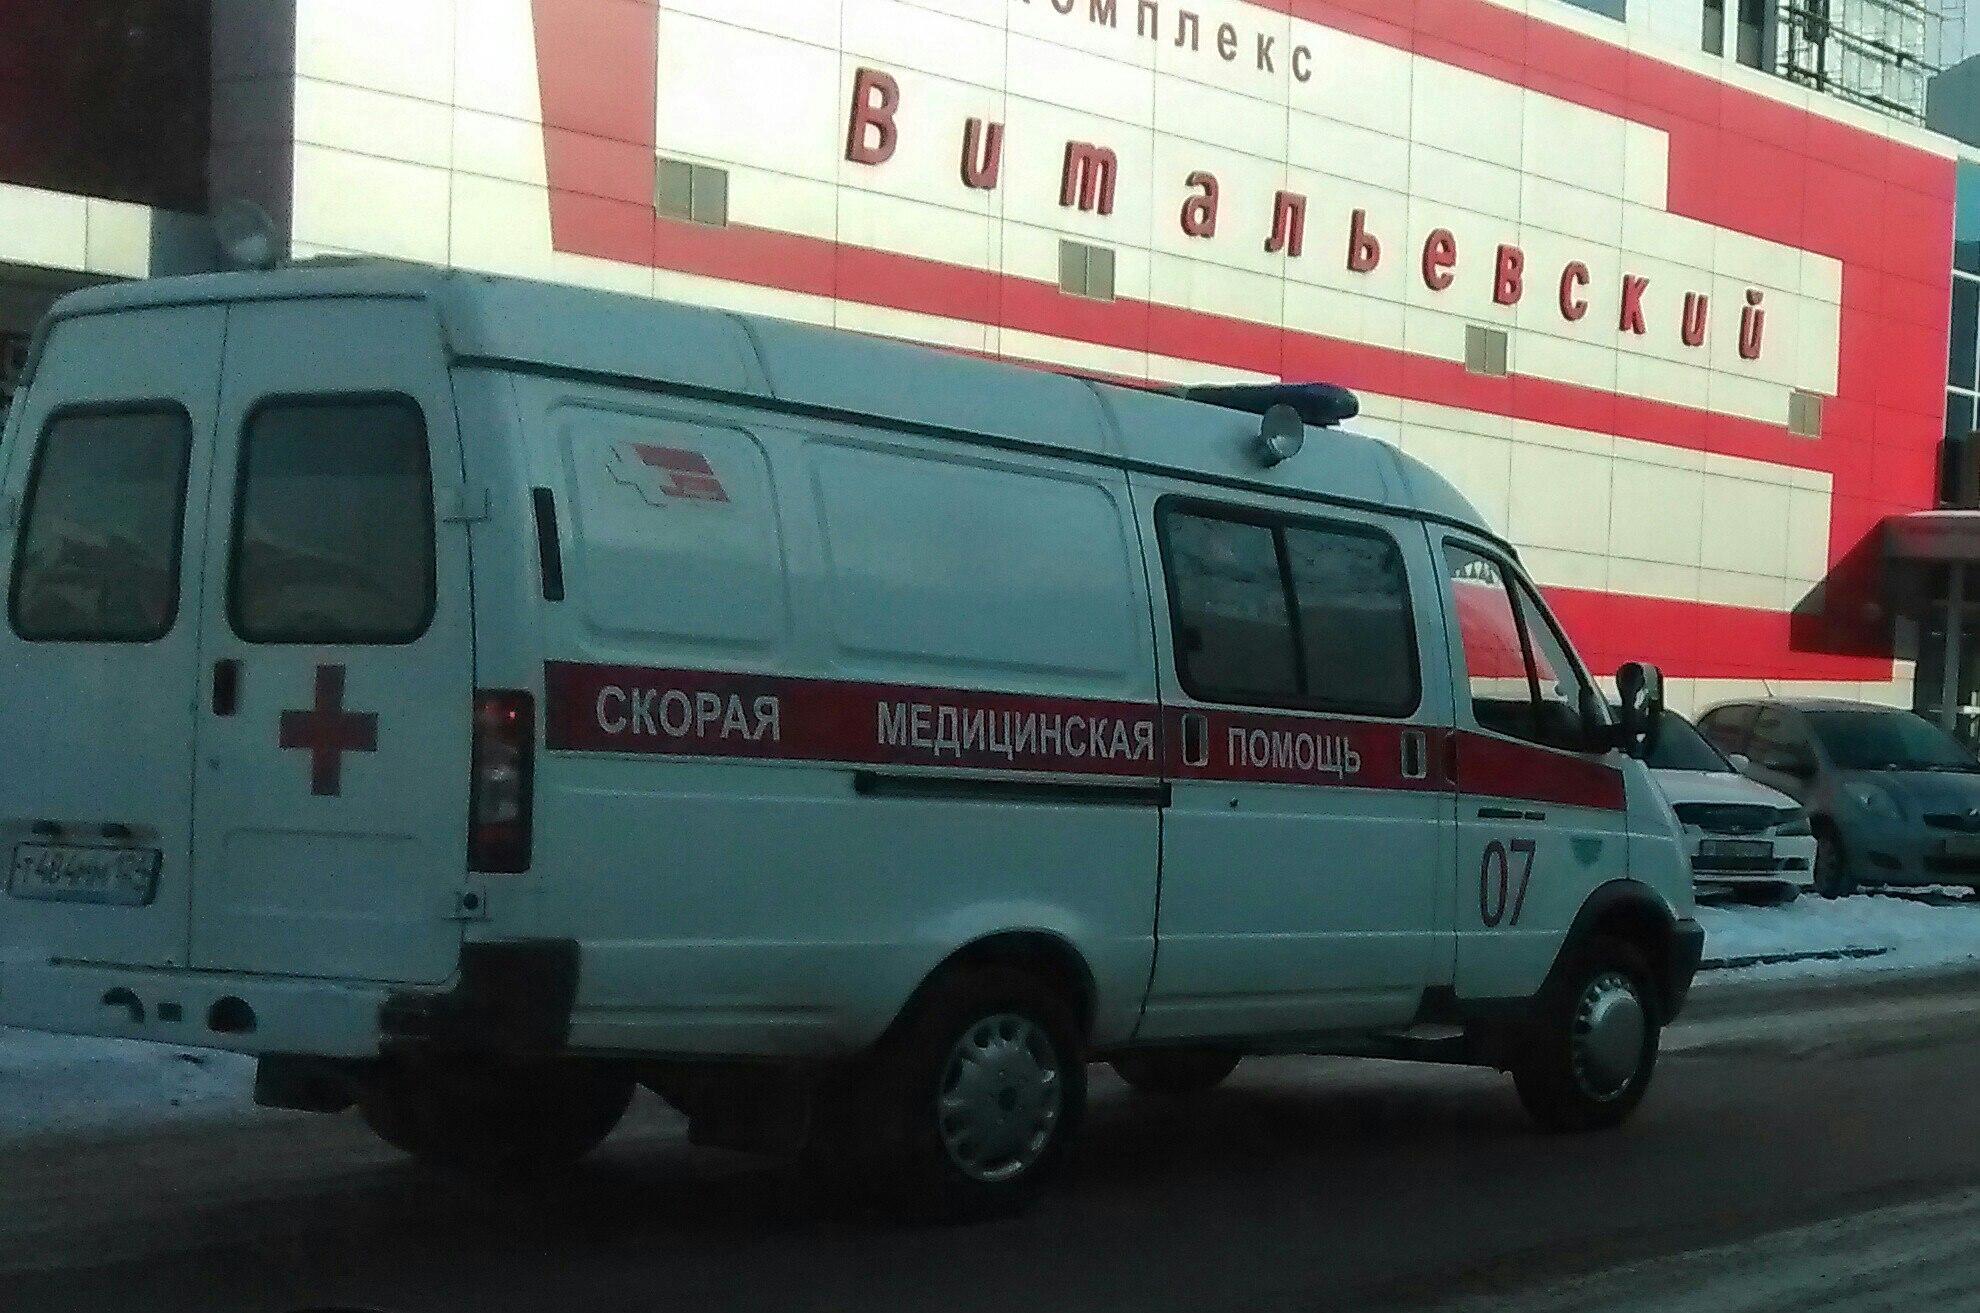 Шлагбаумы водворах Красноярска заинтересовали Следственный комитет